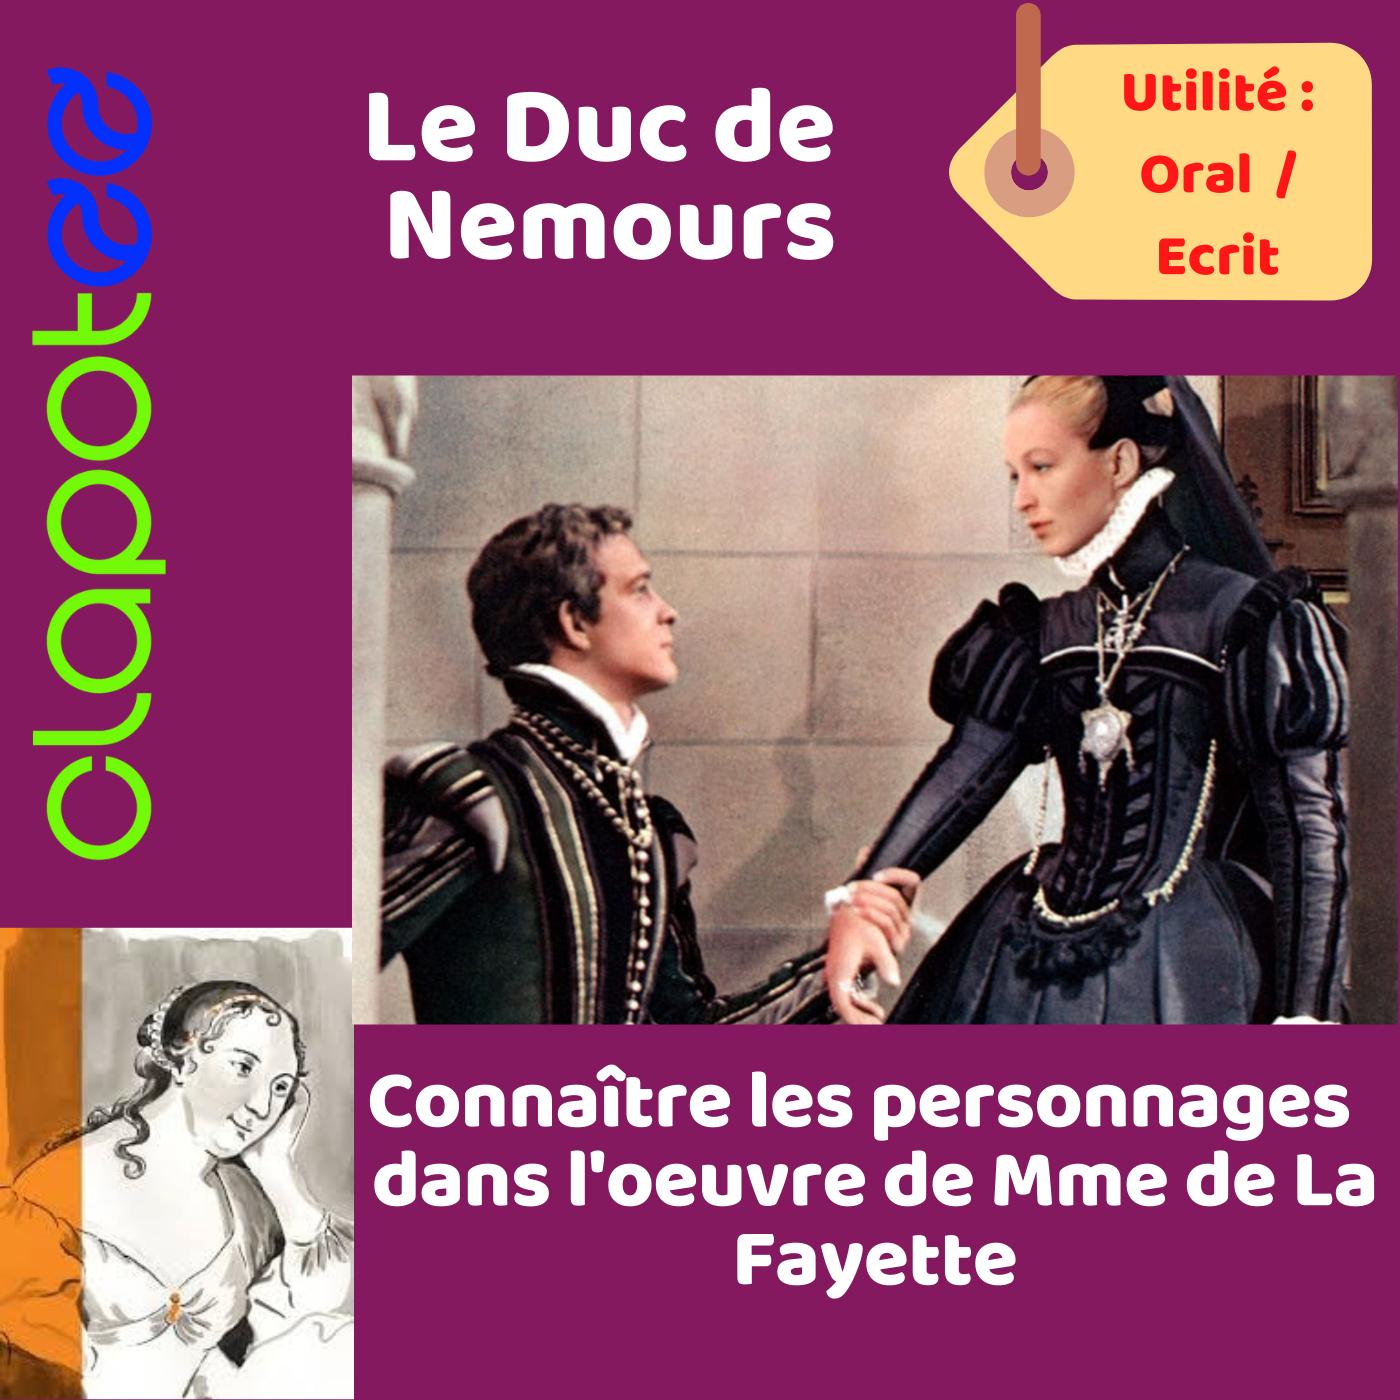 Le Duc de Nemours dans la Princesse de Clèves.